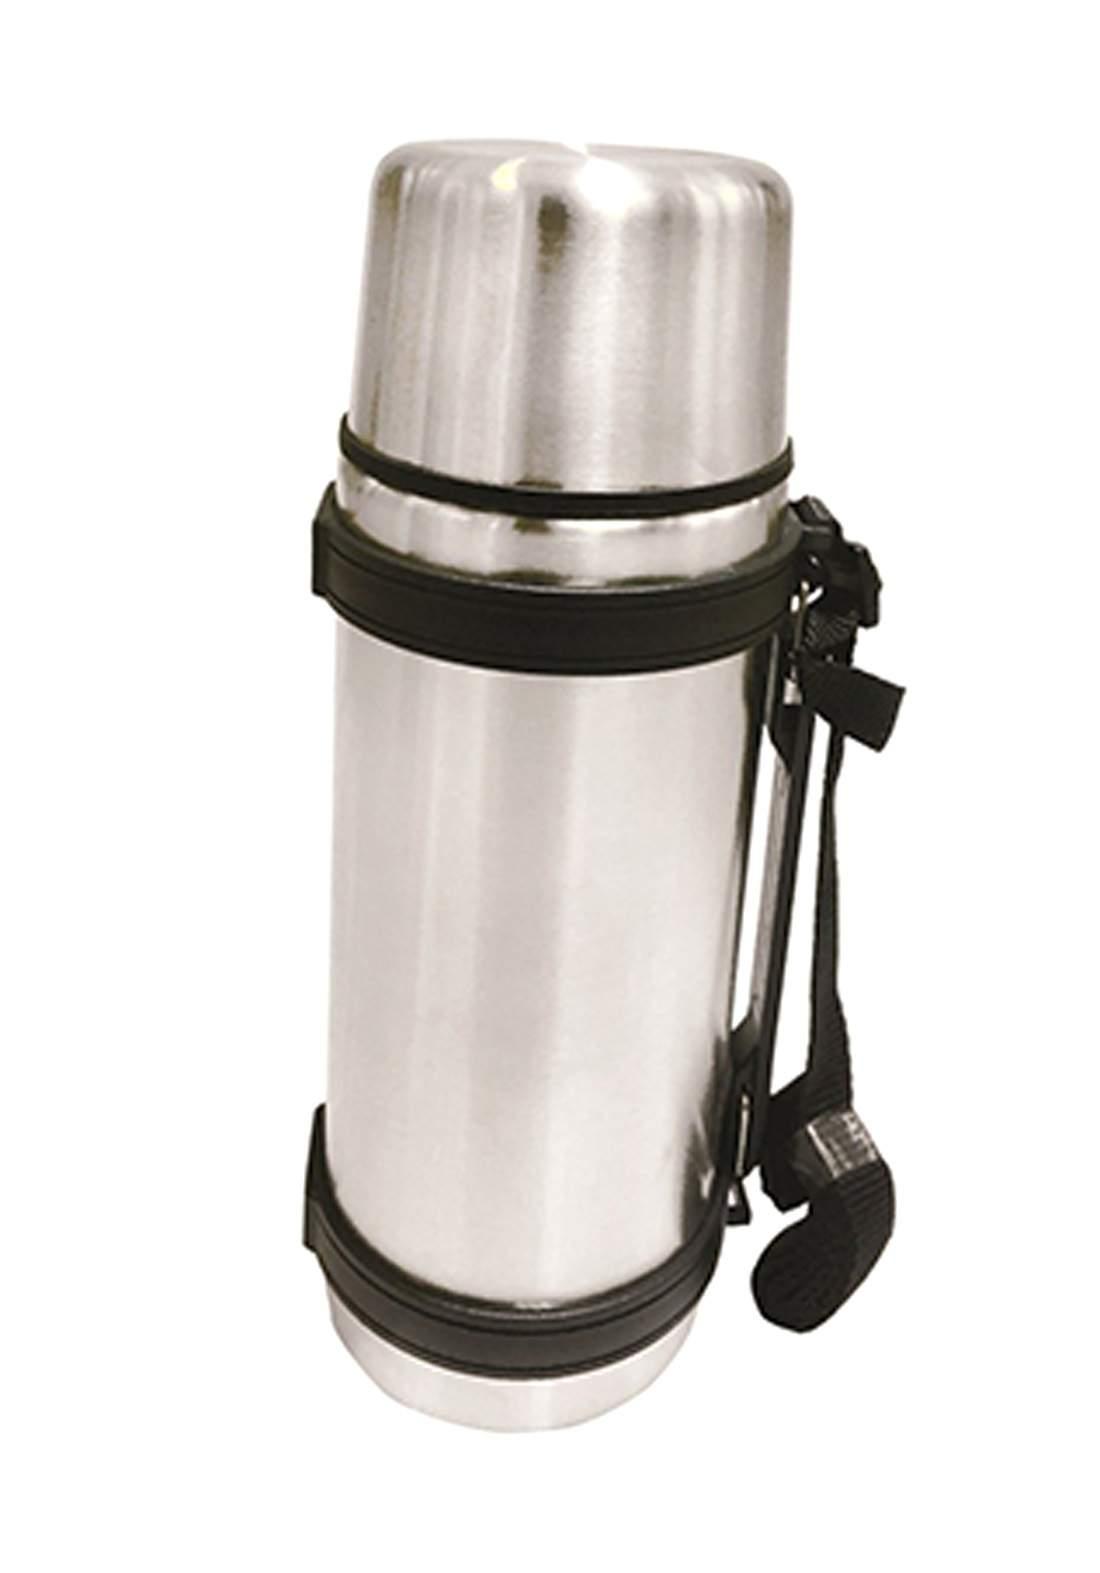 Delmonti  DL 1470  Flask  Vacuun jug ترمز حراري